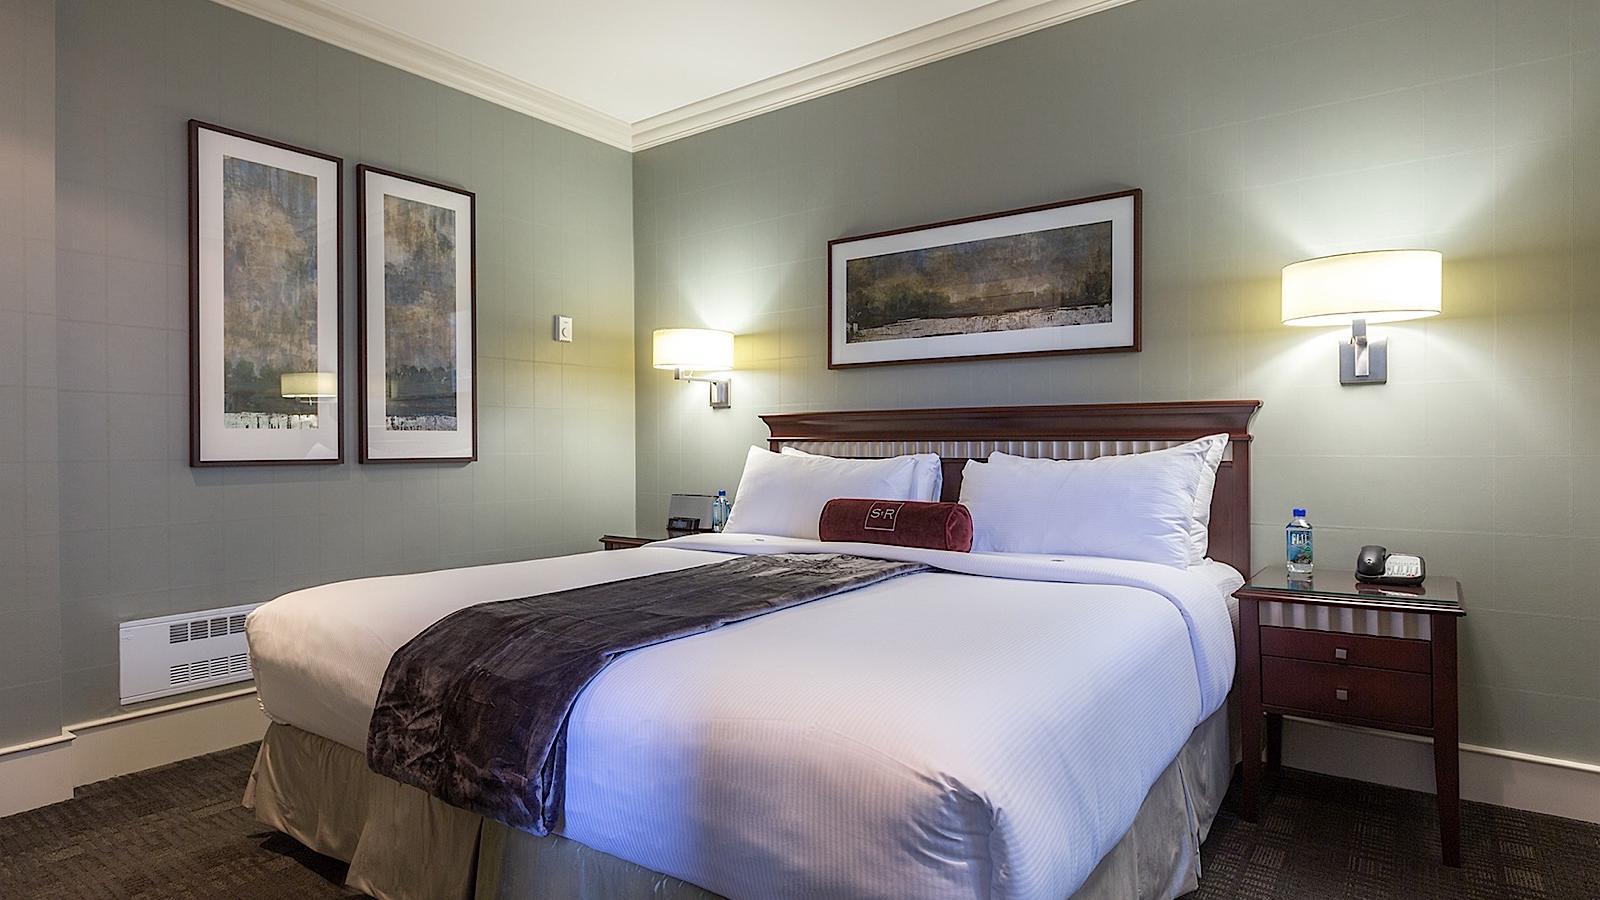 Junior Queen Suite hotel room.